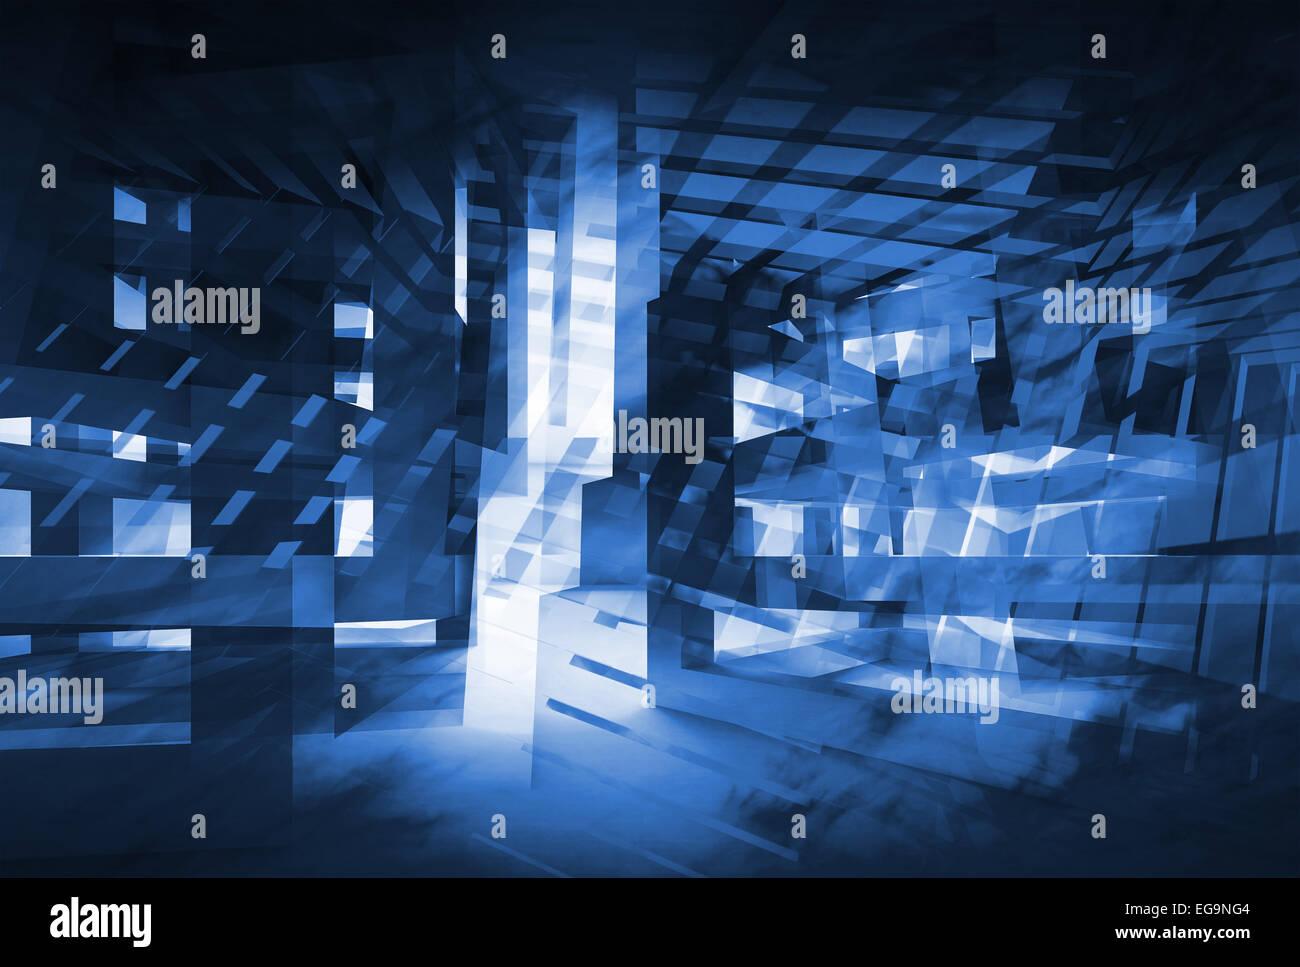 Resumen azul oscuro fondo digital 3d. Ilustración del concepto hi-tech Imagen De Stock